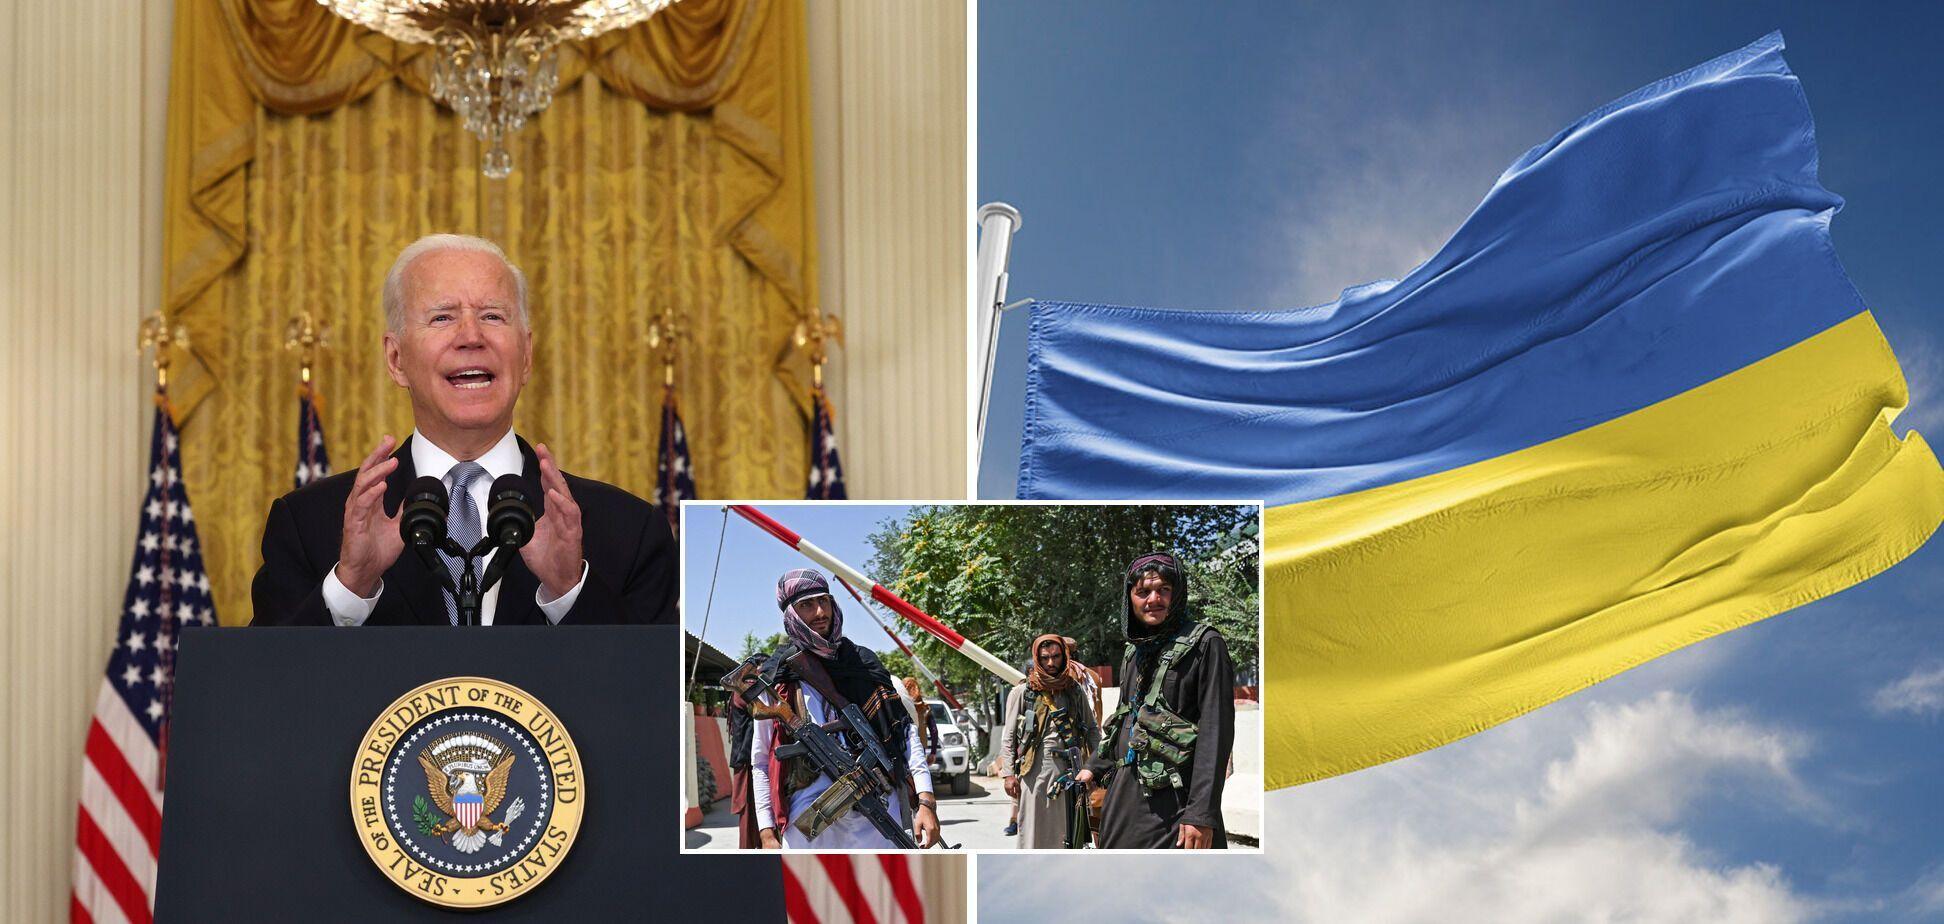 Події в Афганістані можуть вплинути на відносини США та України